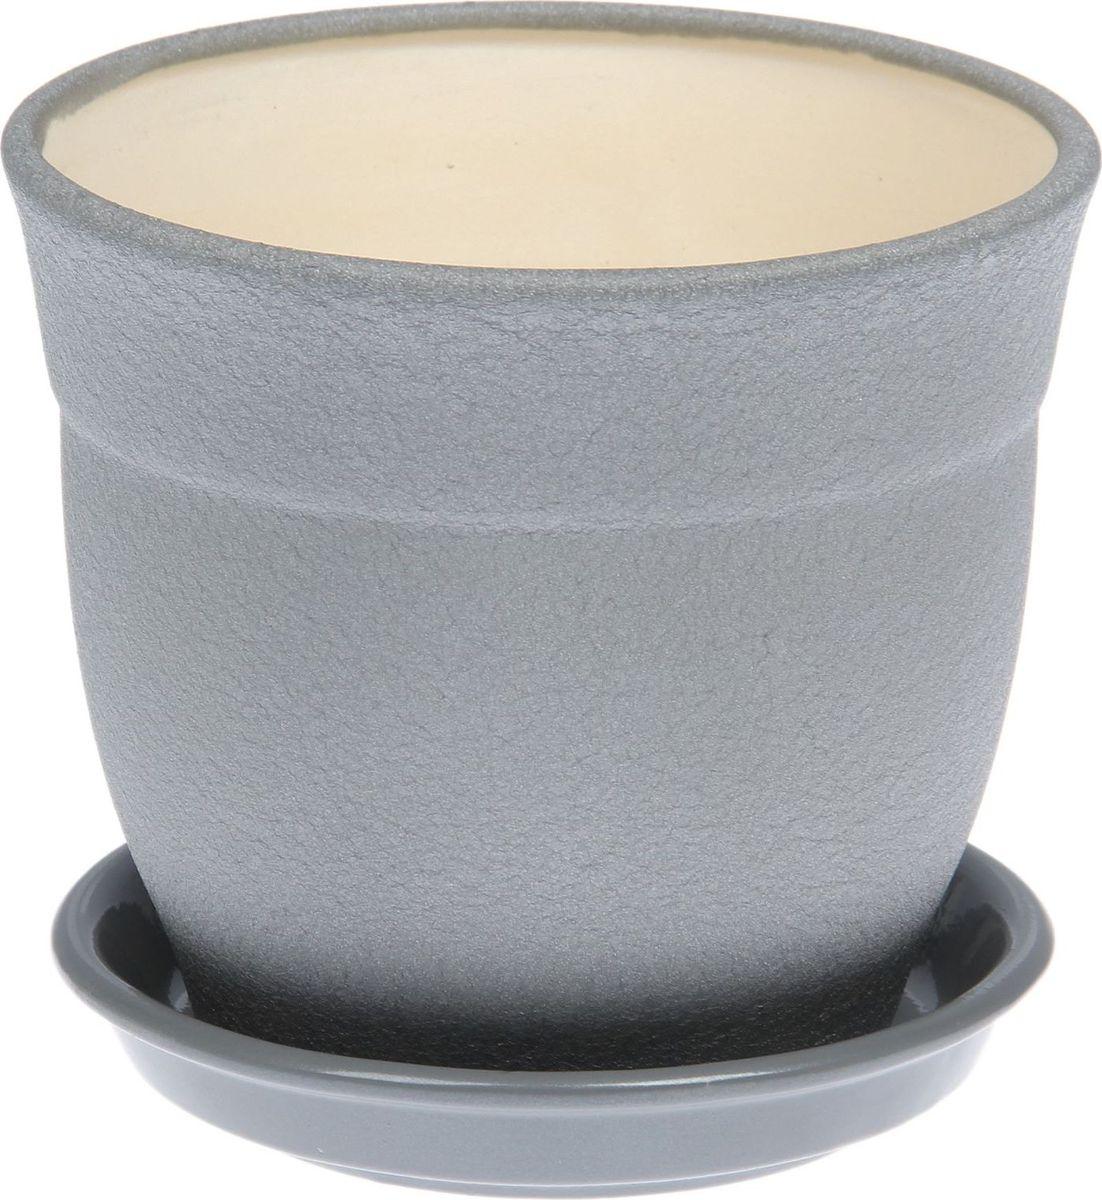 Кашпо Керамика ручной работы Флорис, цвет: серебристый, 1,2 л1489728Комнатные растения — всеобщие любимцы. Они радуют глаз, насыщают помещение кислородом и украшают пространство. Каждому из них необходим свой удобный и красивый дом. Кашпо из керамики прекрасно подходят для высадки растений: за счёт пластичности глины и разных способов обработки существует великое множество форм и дизайновпористый материал позволяет испаряться лишней влагевоздух, необходимый для дыхания корней, проникает сквозь керамические стенки! #name# позаботится о зелёном питомце, освежит интерьер и подчеркнёт его стиль.